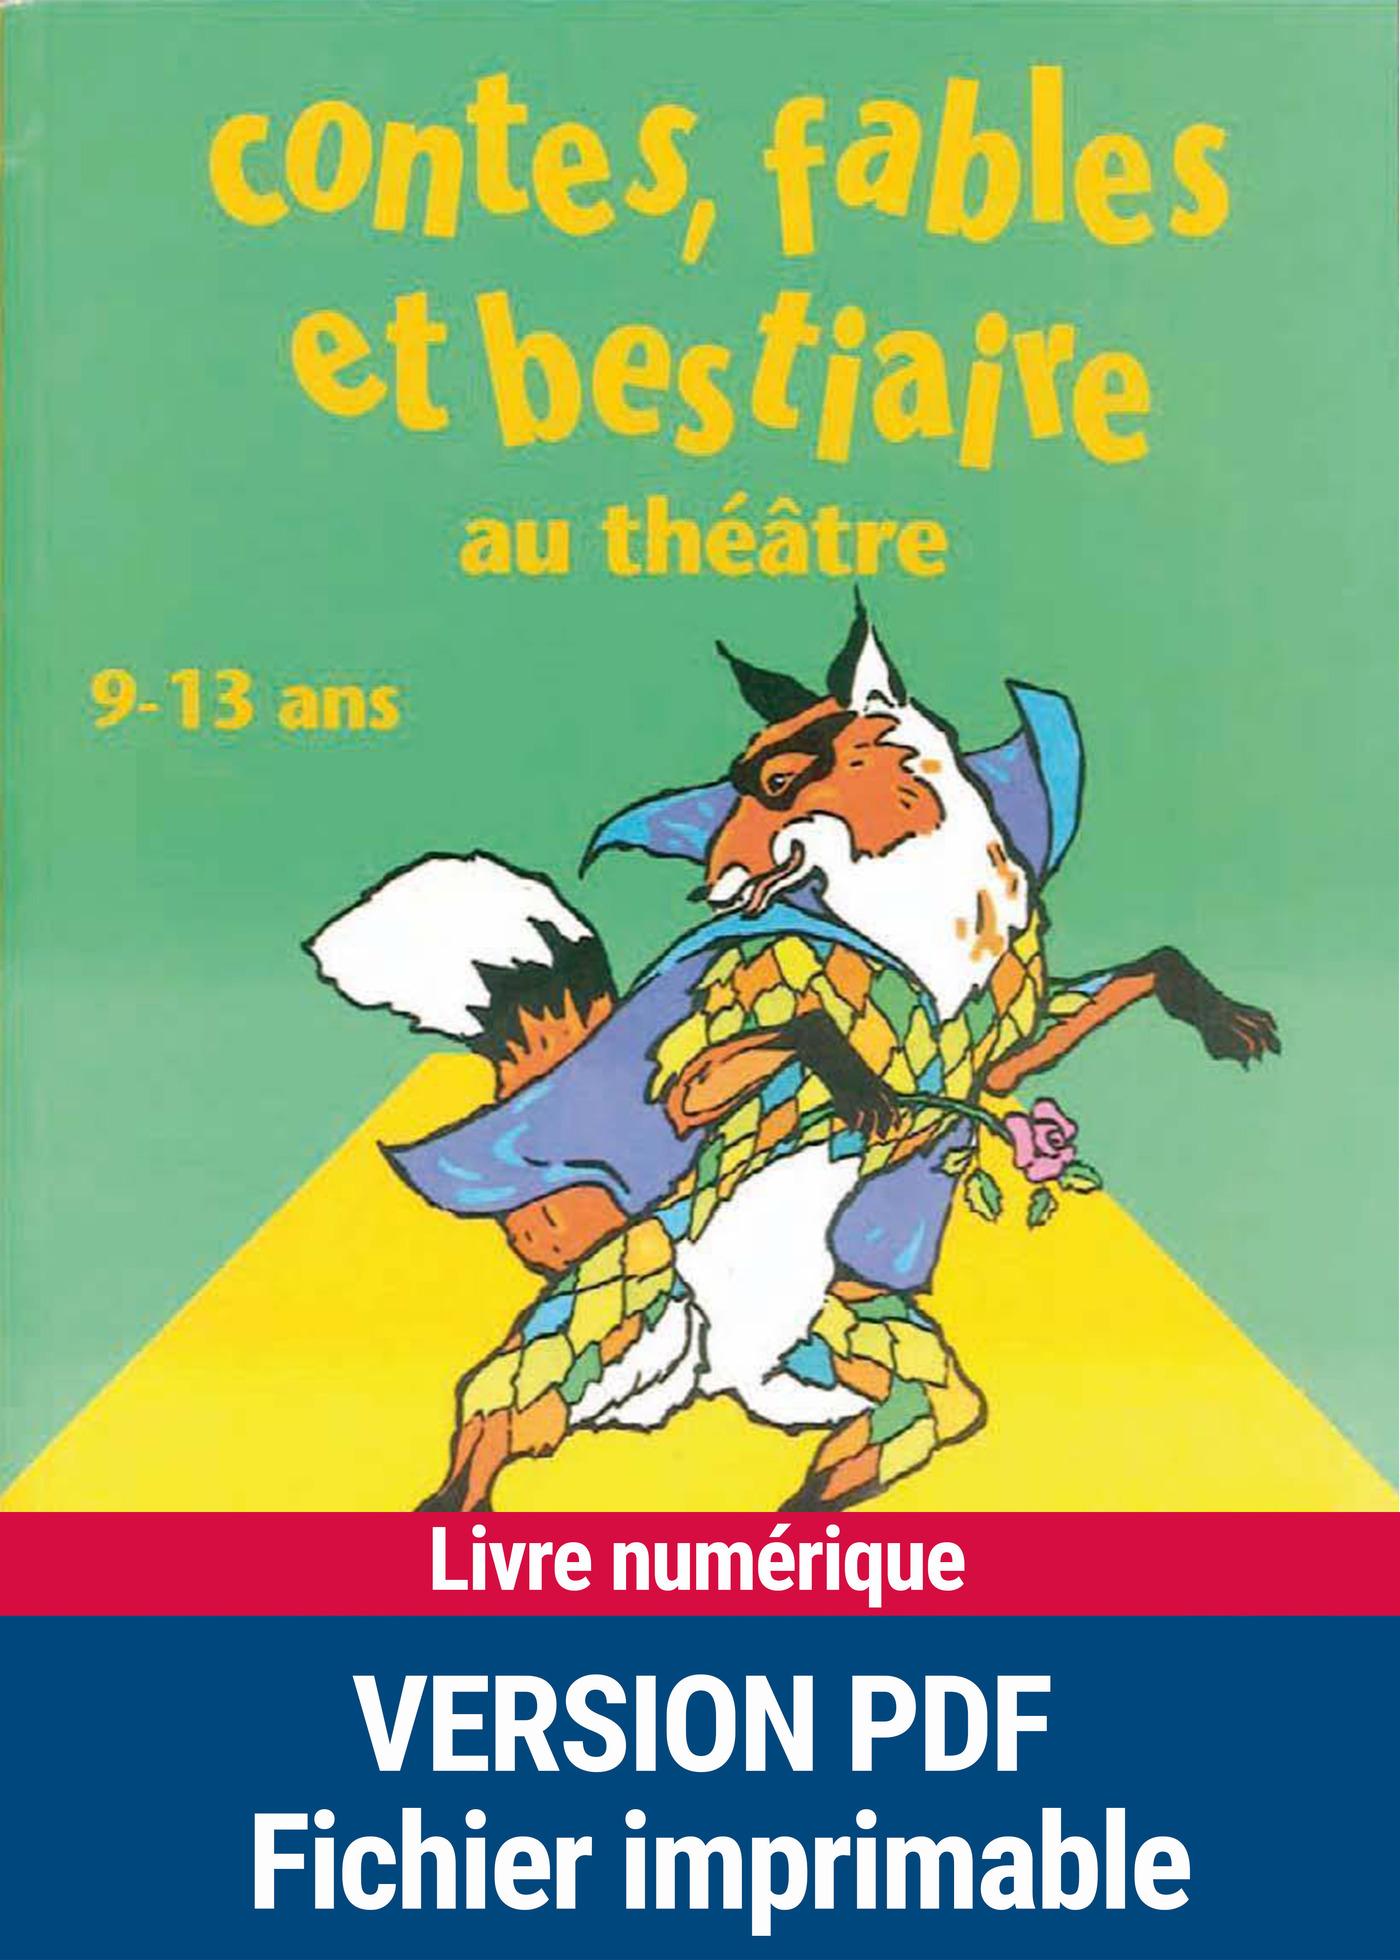 Contes, fables et bestiaires au théâtre (ebook)